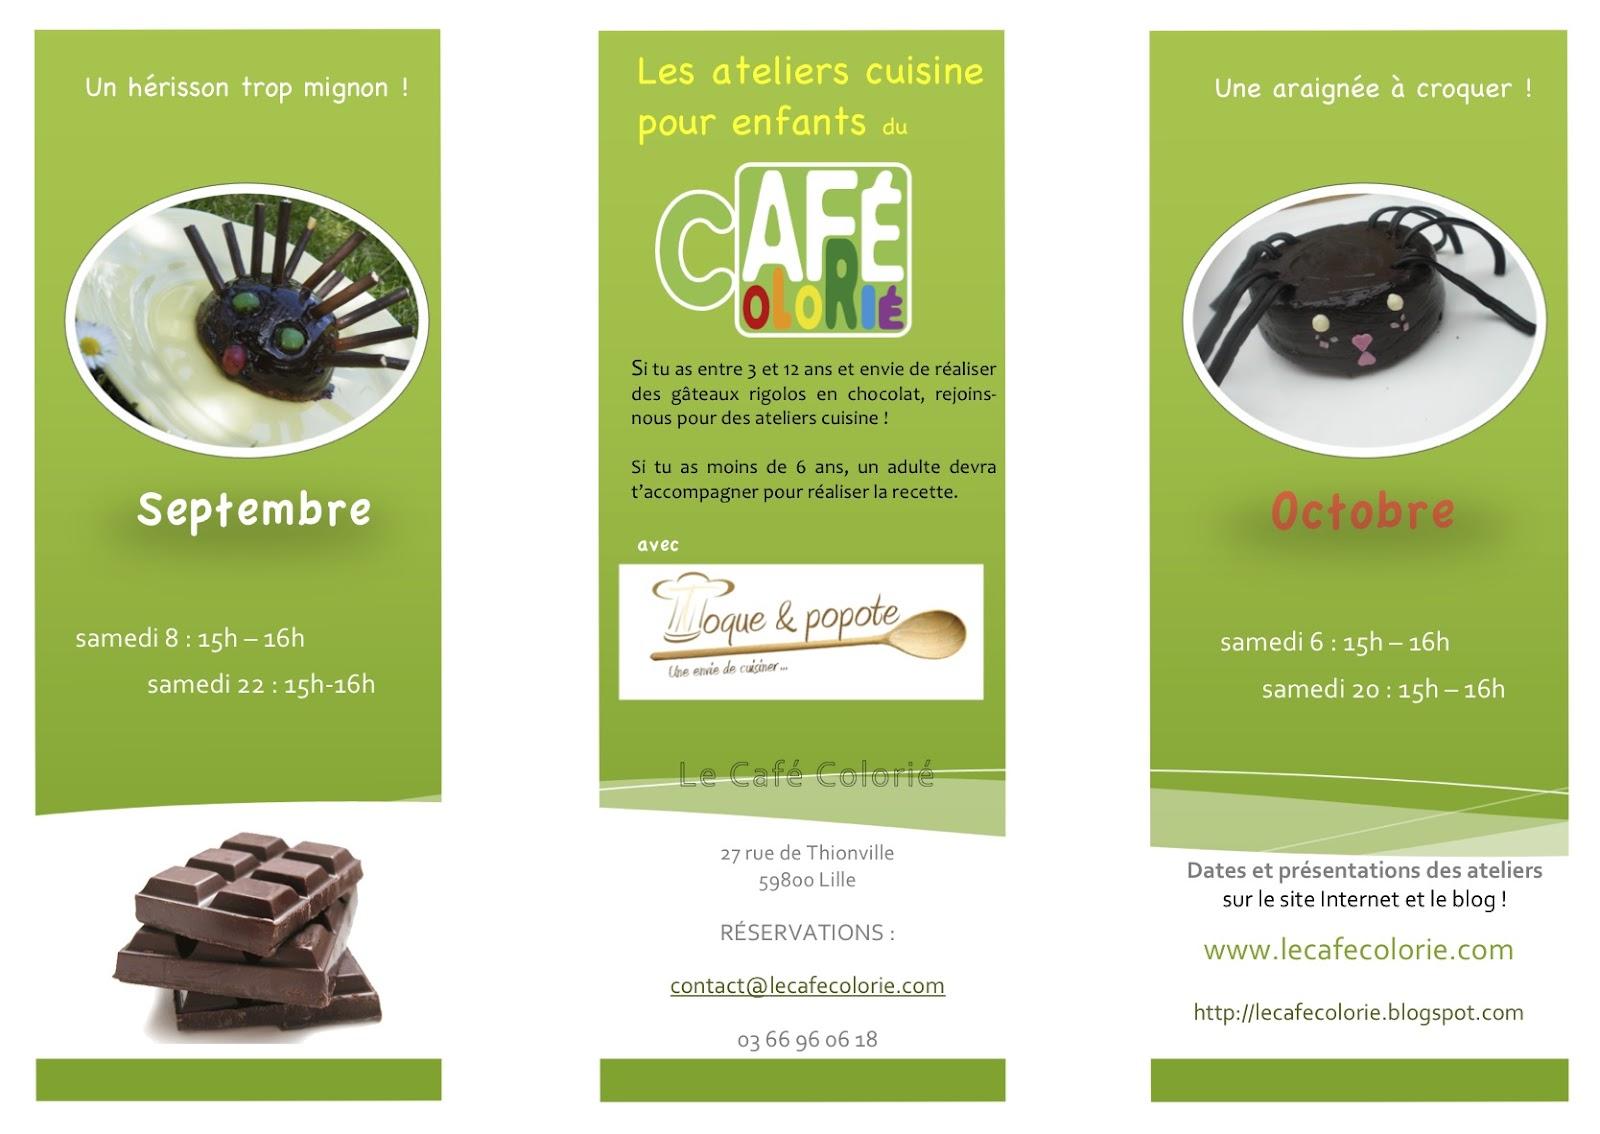 Le caf colori atelier cuisine en septembre for Ateliers cuisine